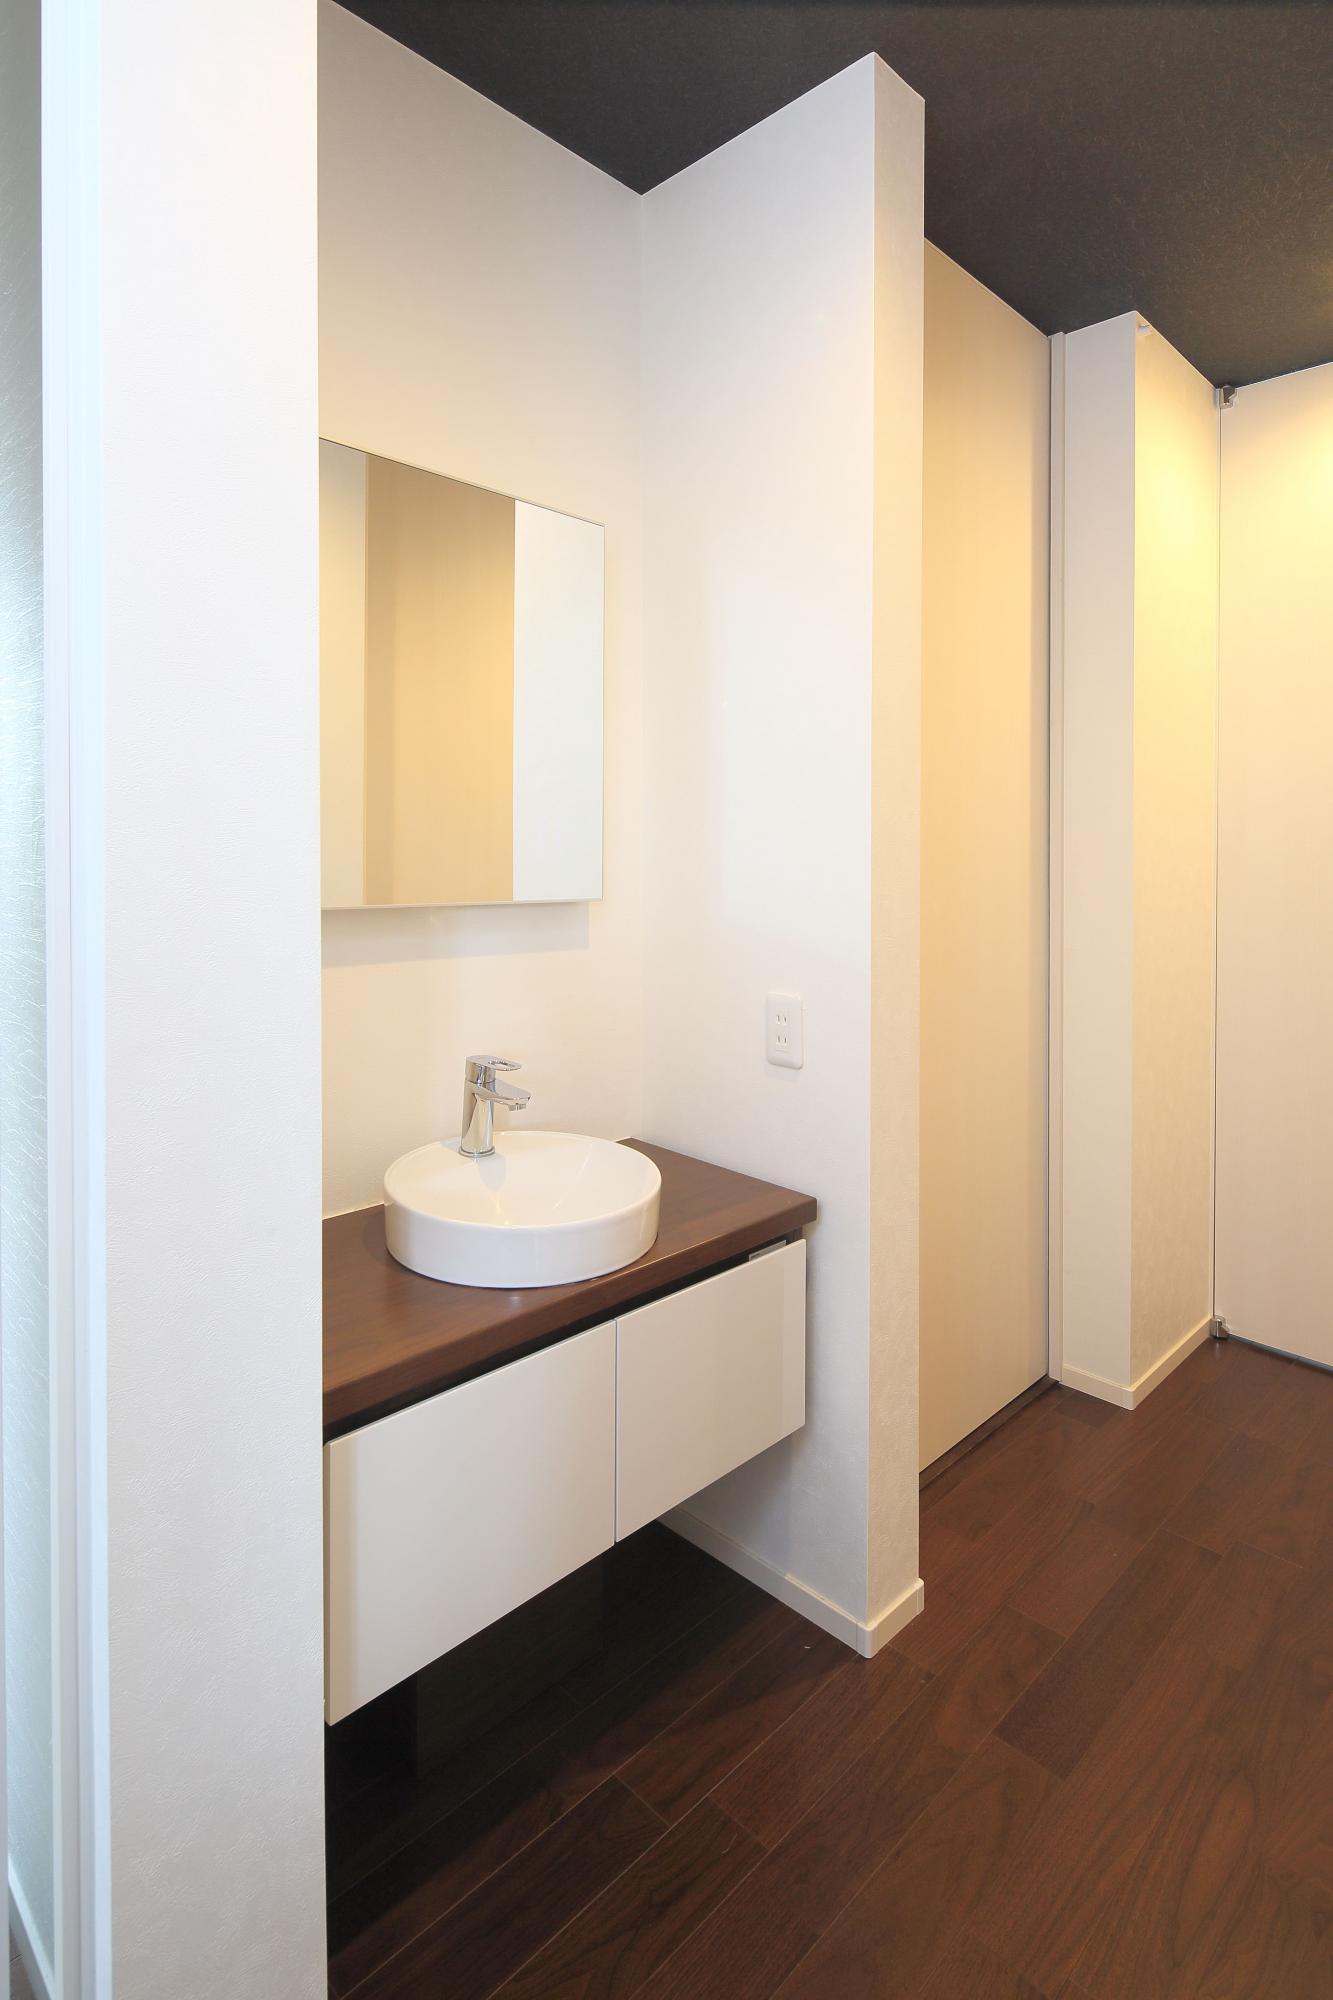 2階ホールに設置した床から浮いたようなフローティングデザインの手洗いカウンター。白い壁で空間をシンプルモダンに演出した。